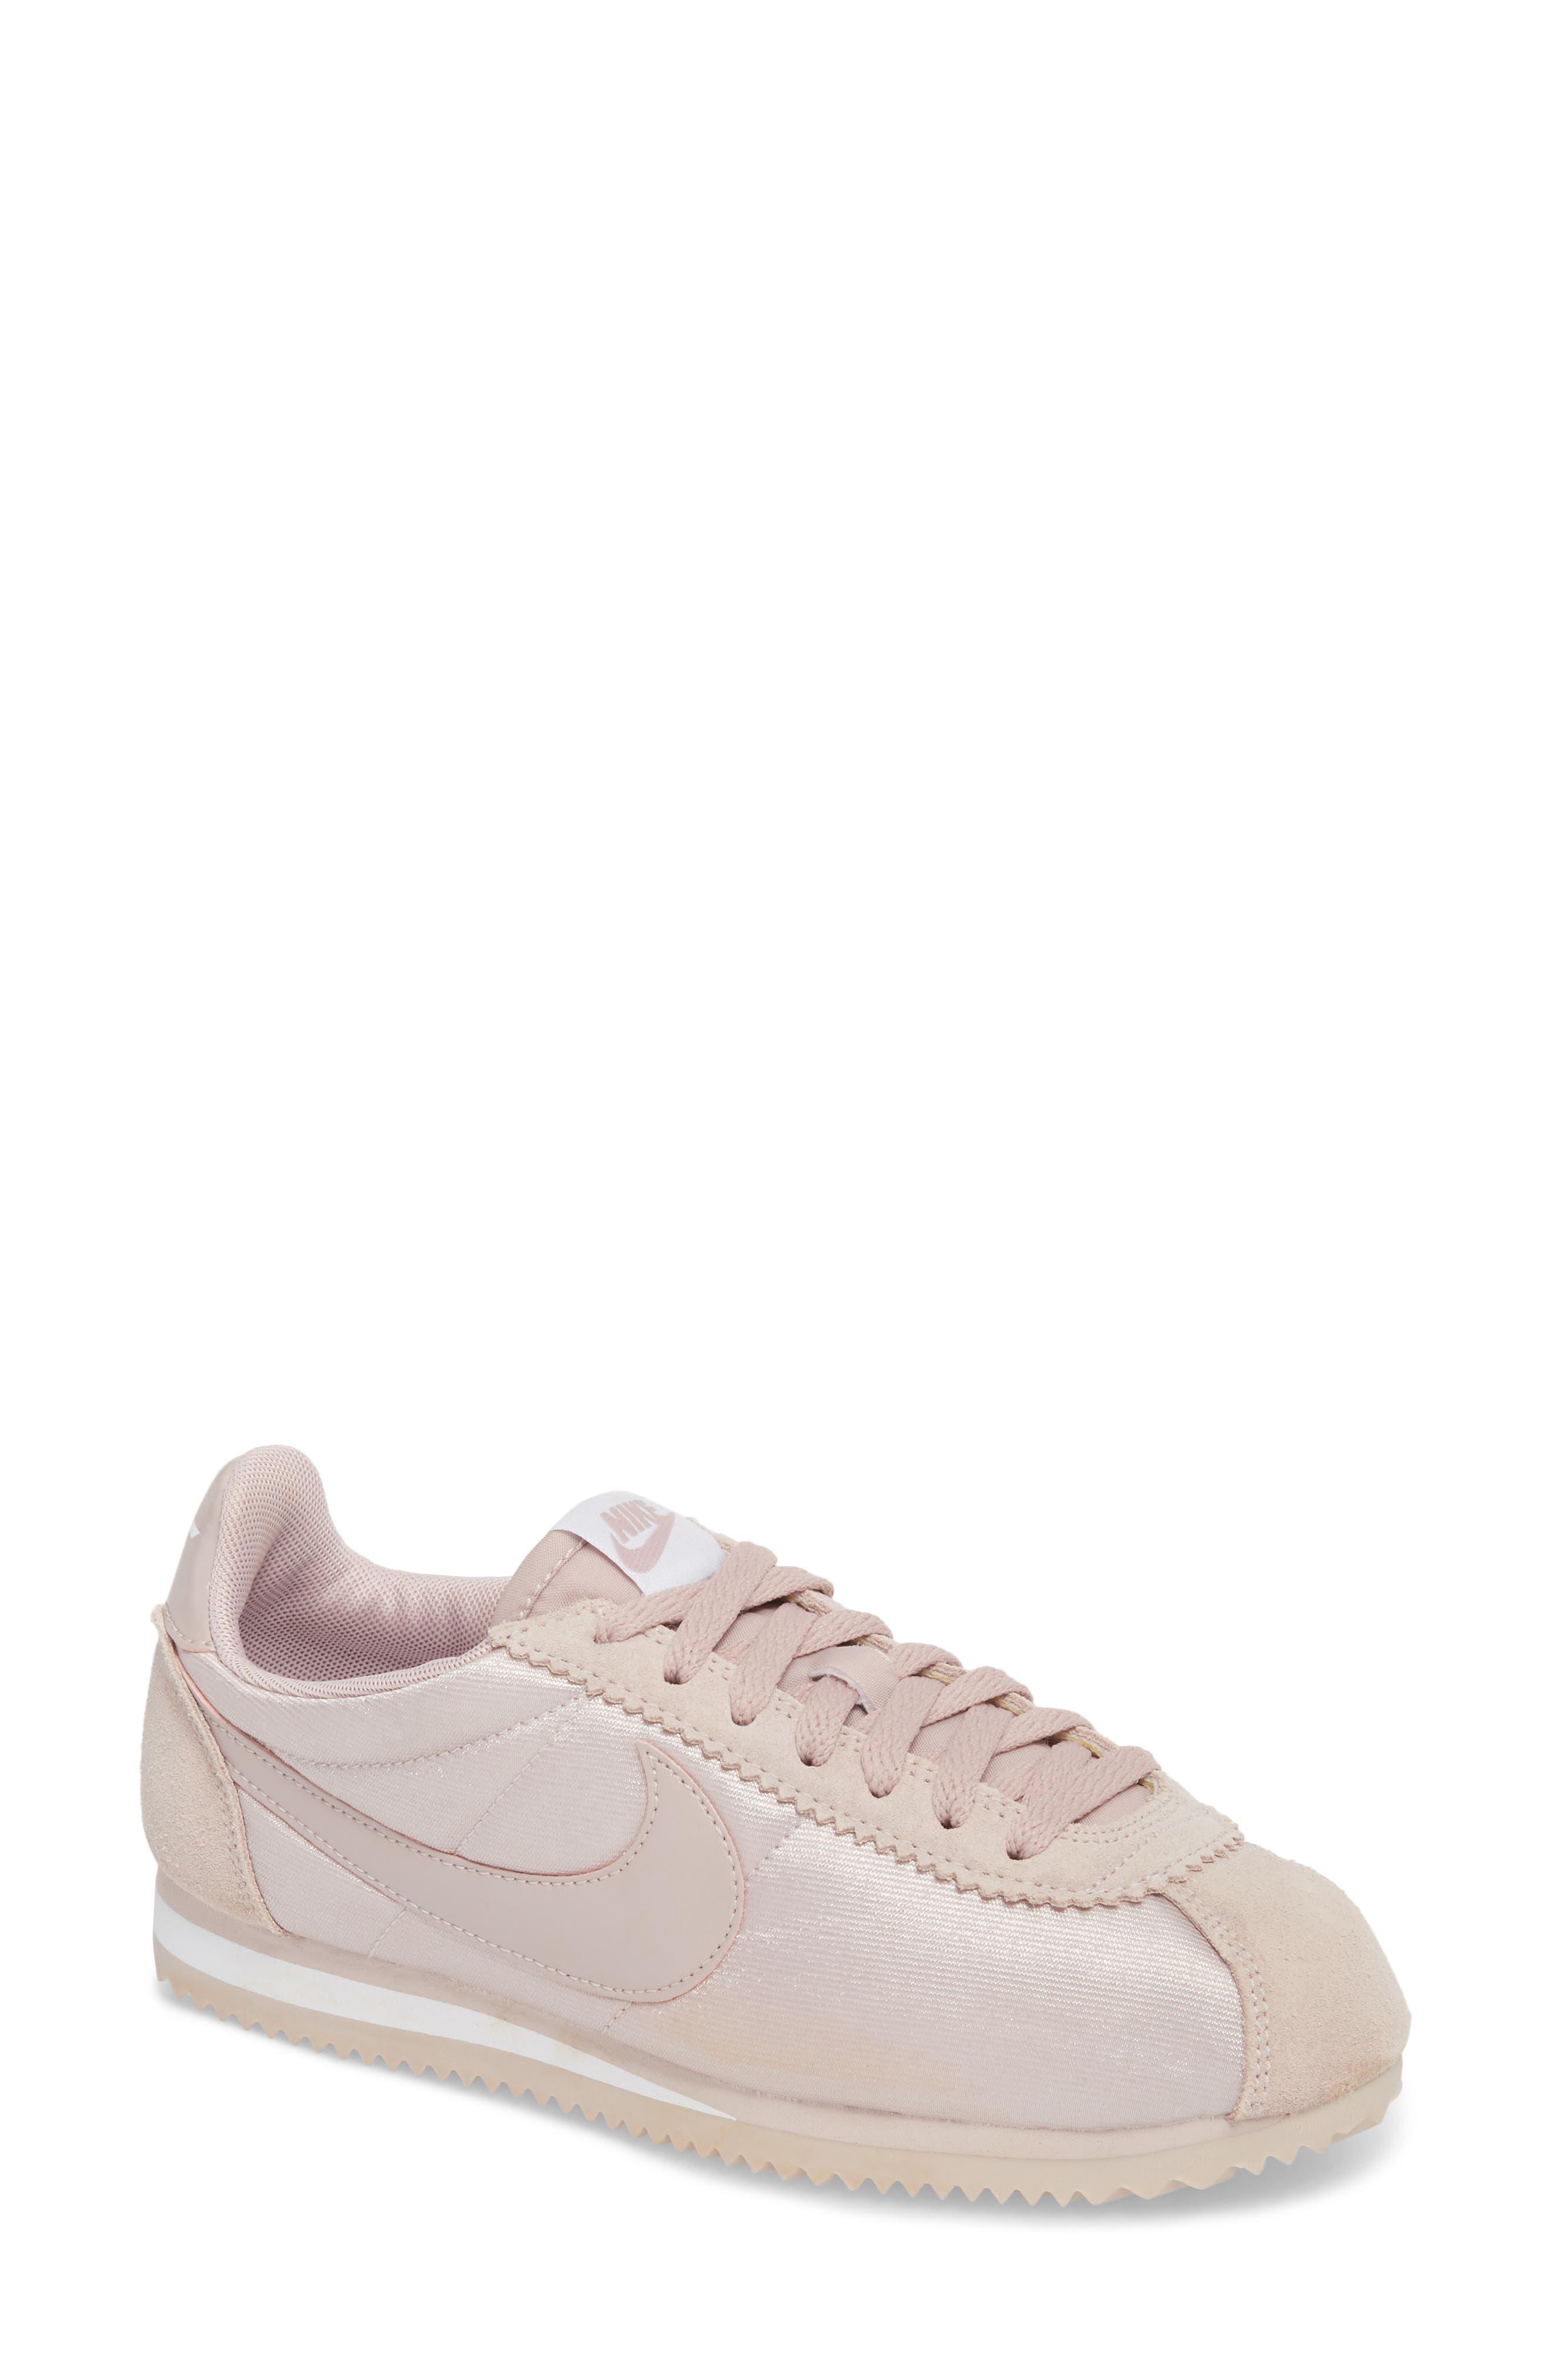 'Classic Cortez' Sneaker,                             Main thumbnail 1, color,                             Particle Rose/ Particle Rose